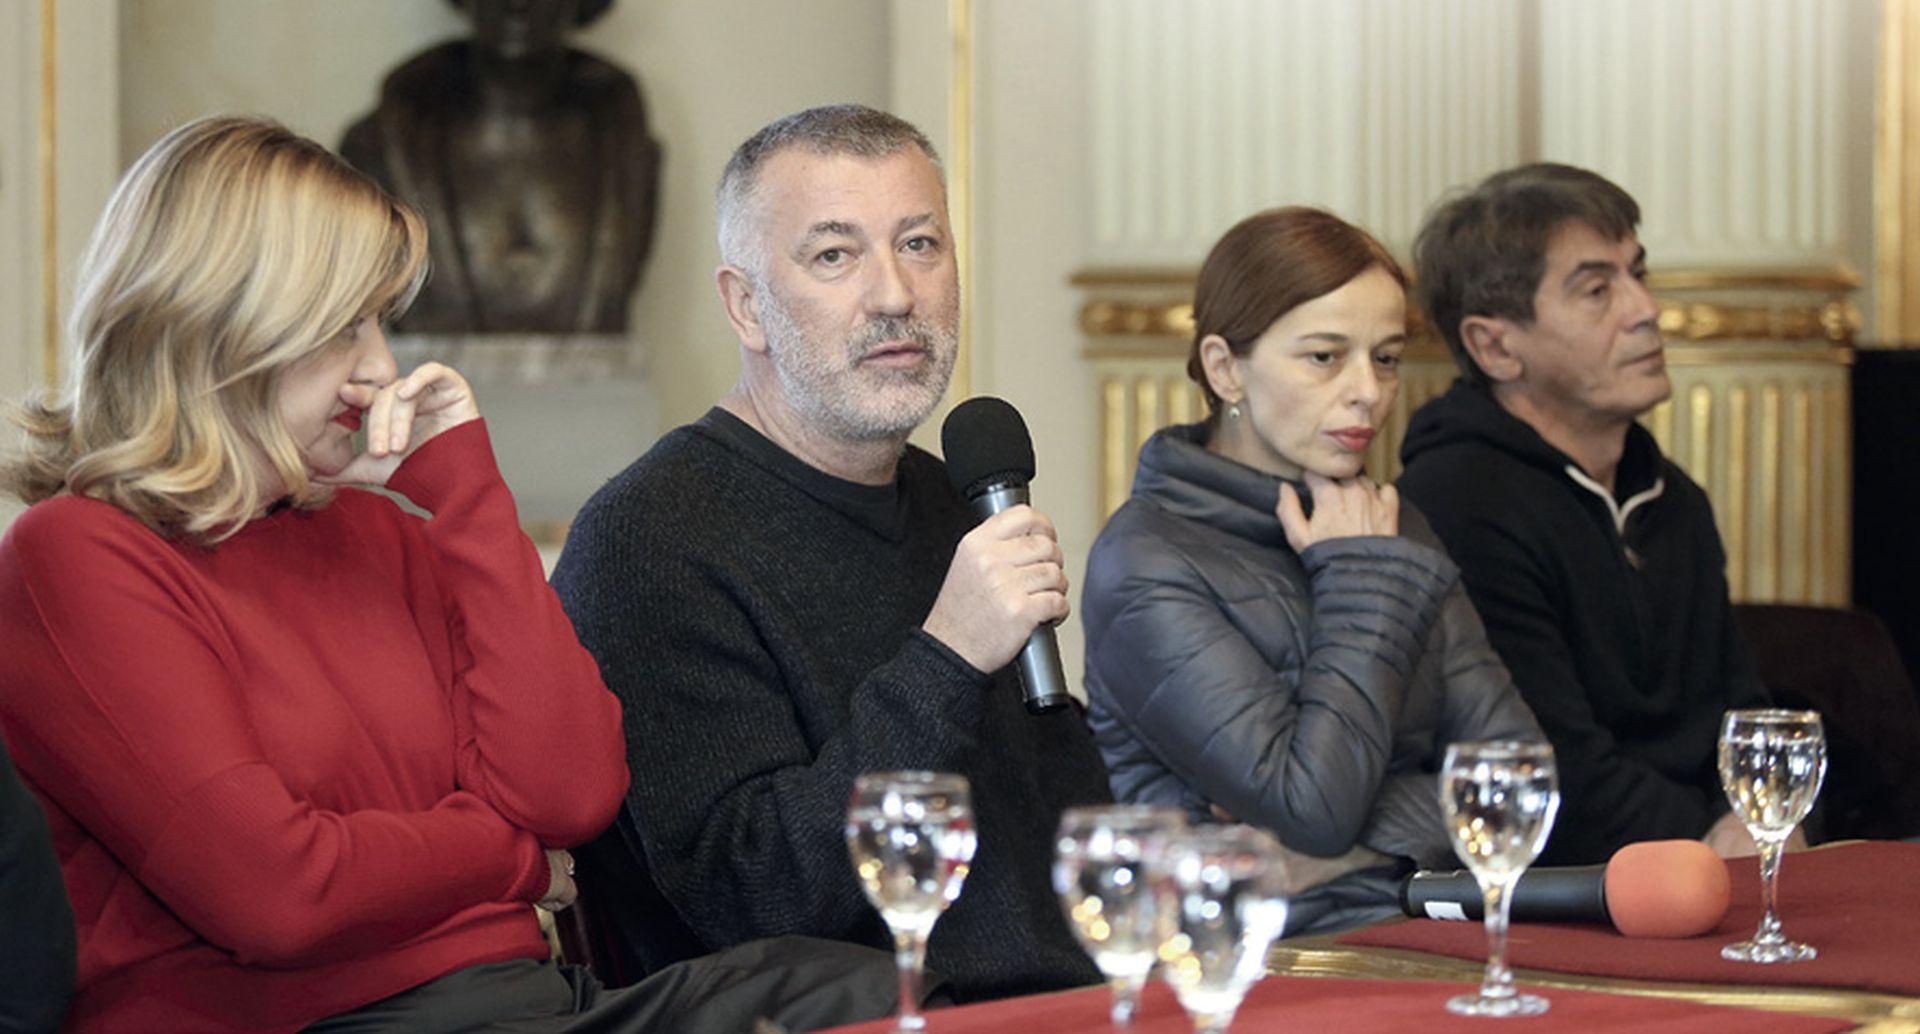 Dramski prvaci HNK: 'Ne bojimo se osvete ultradesnice'